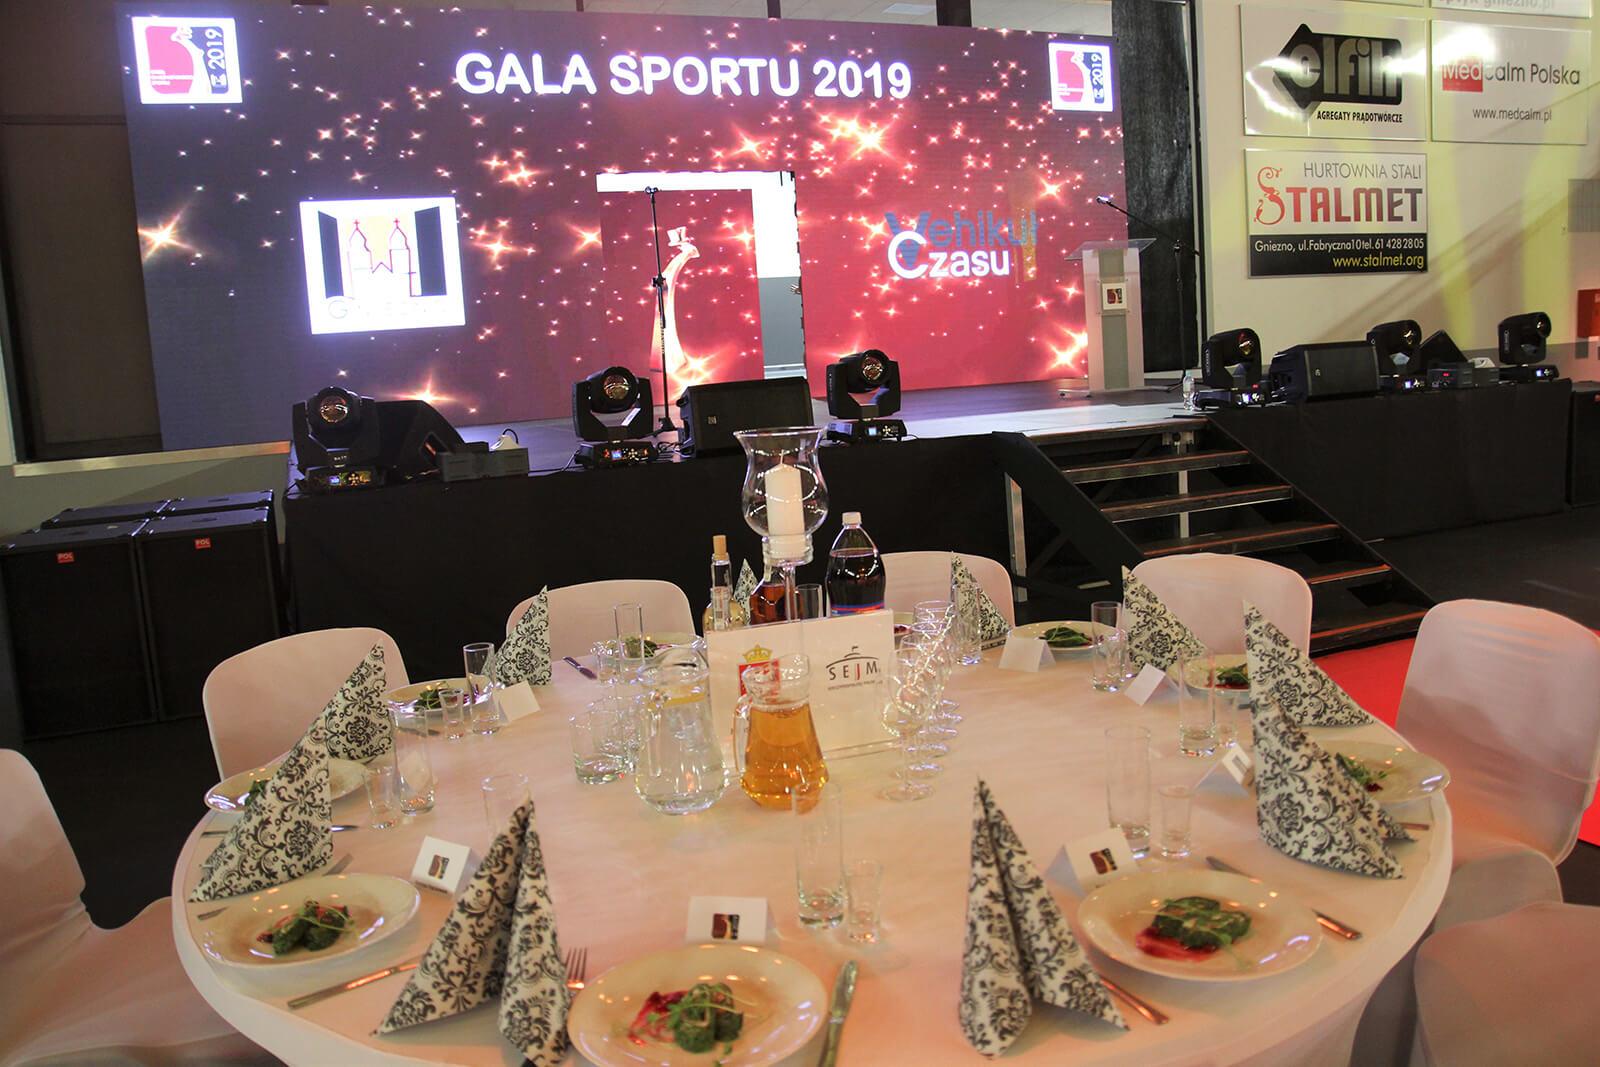 Akcesoria eventowe - Gala Orłów Gnieźnieńskiego Sportu 2020